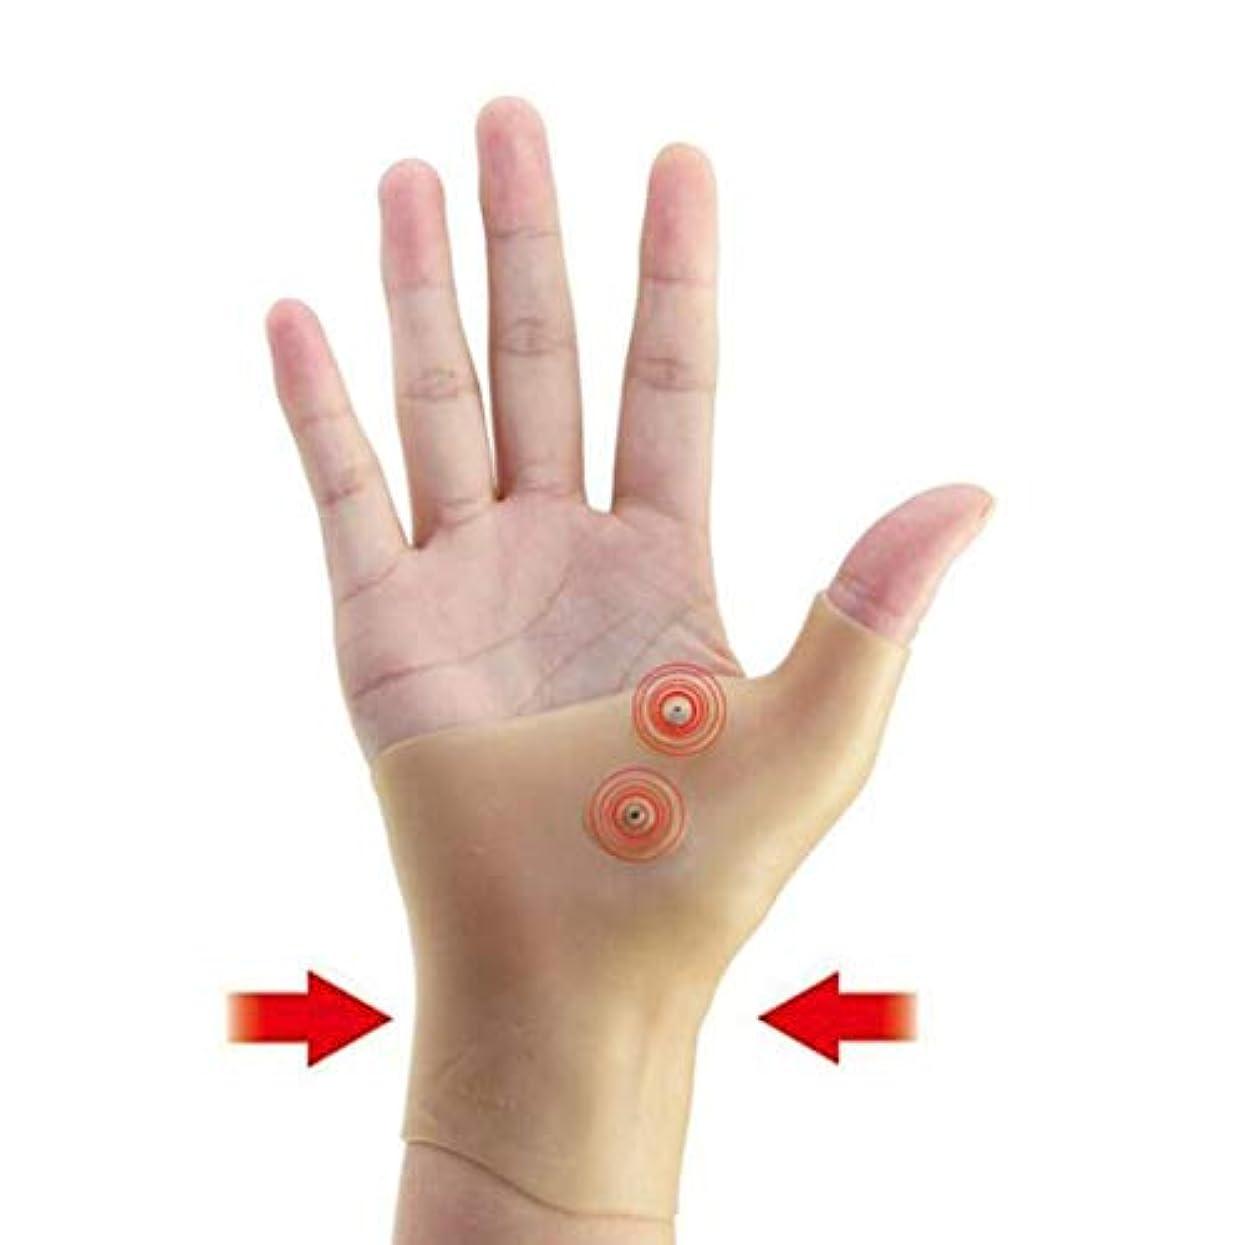 シロナガスクジラうねる欠員磁気療法手首手親指サポート手袋シリコーンゲル関節炎圧力矯正器マッサージ痛み緩和手袋 - 肌の色